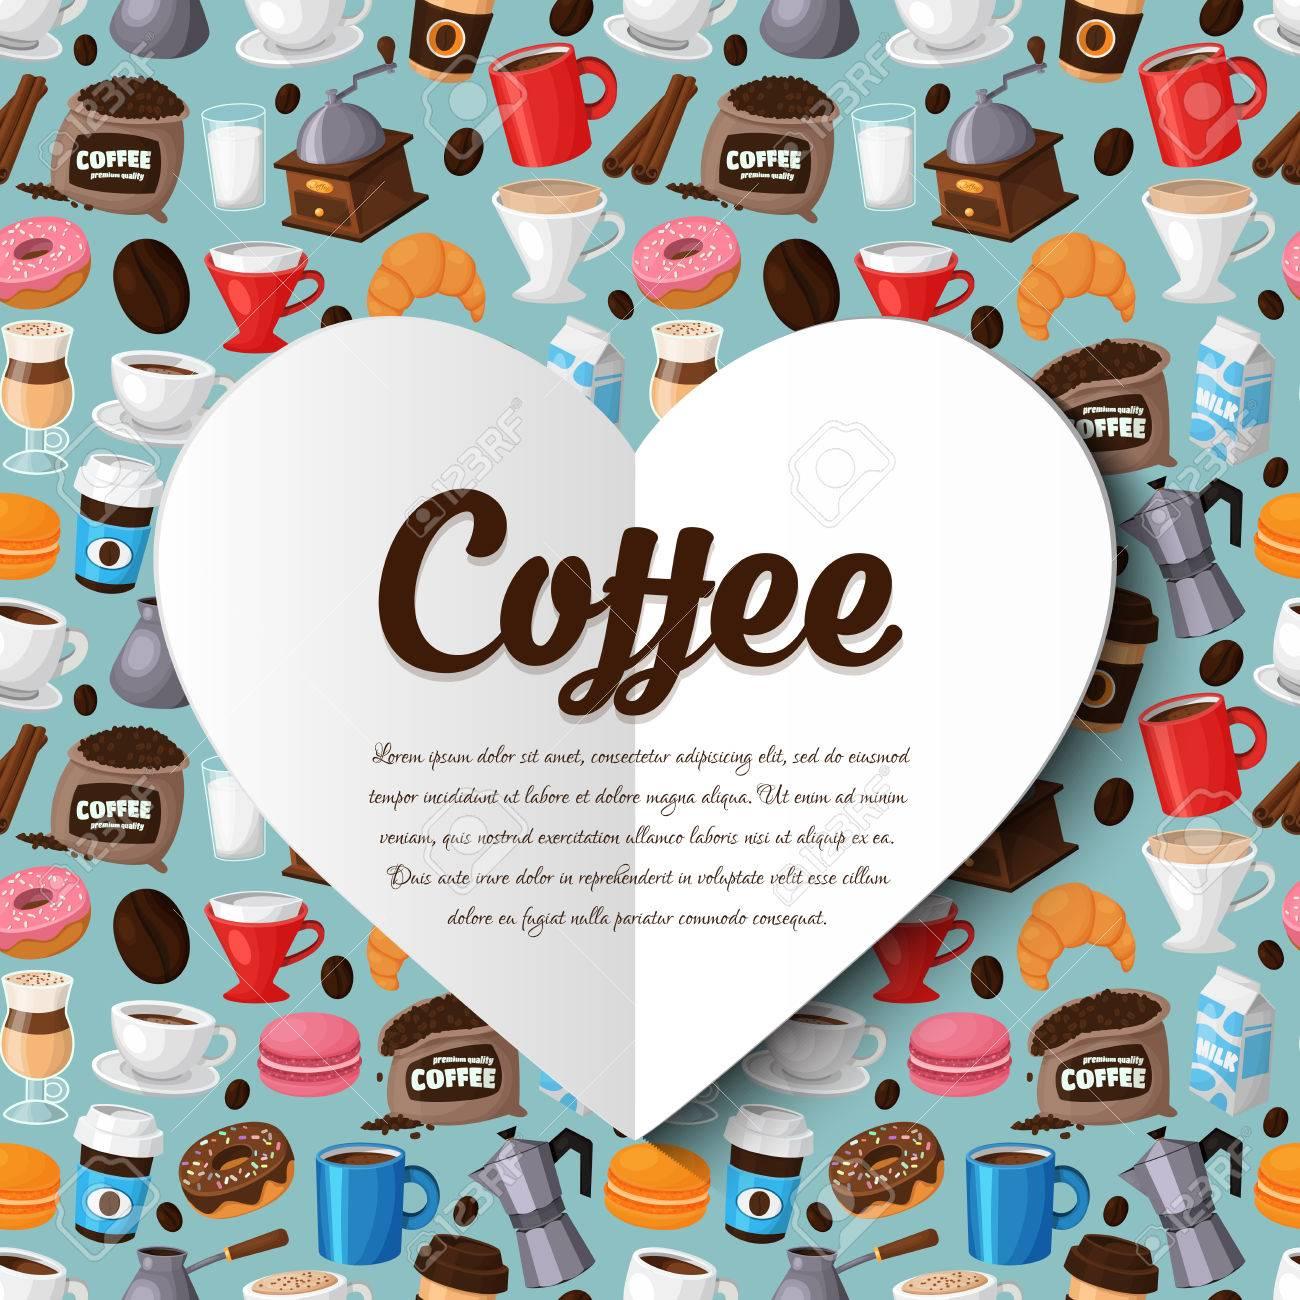 Iconos Modernos Para La Cafetería Y Café. Plantilla De Colores Para ...